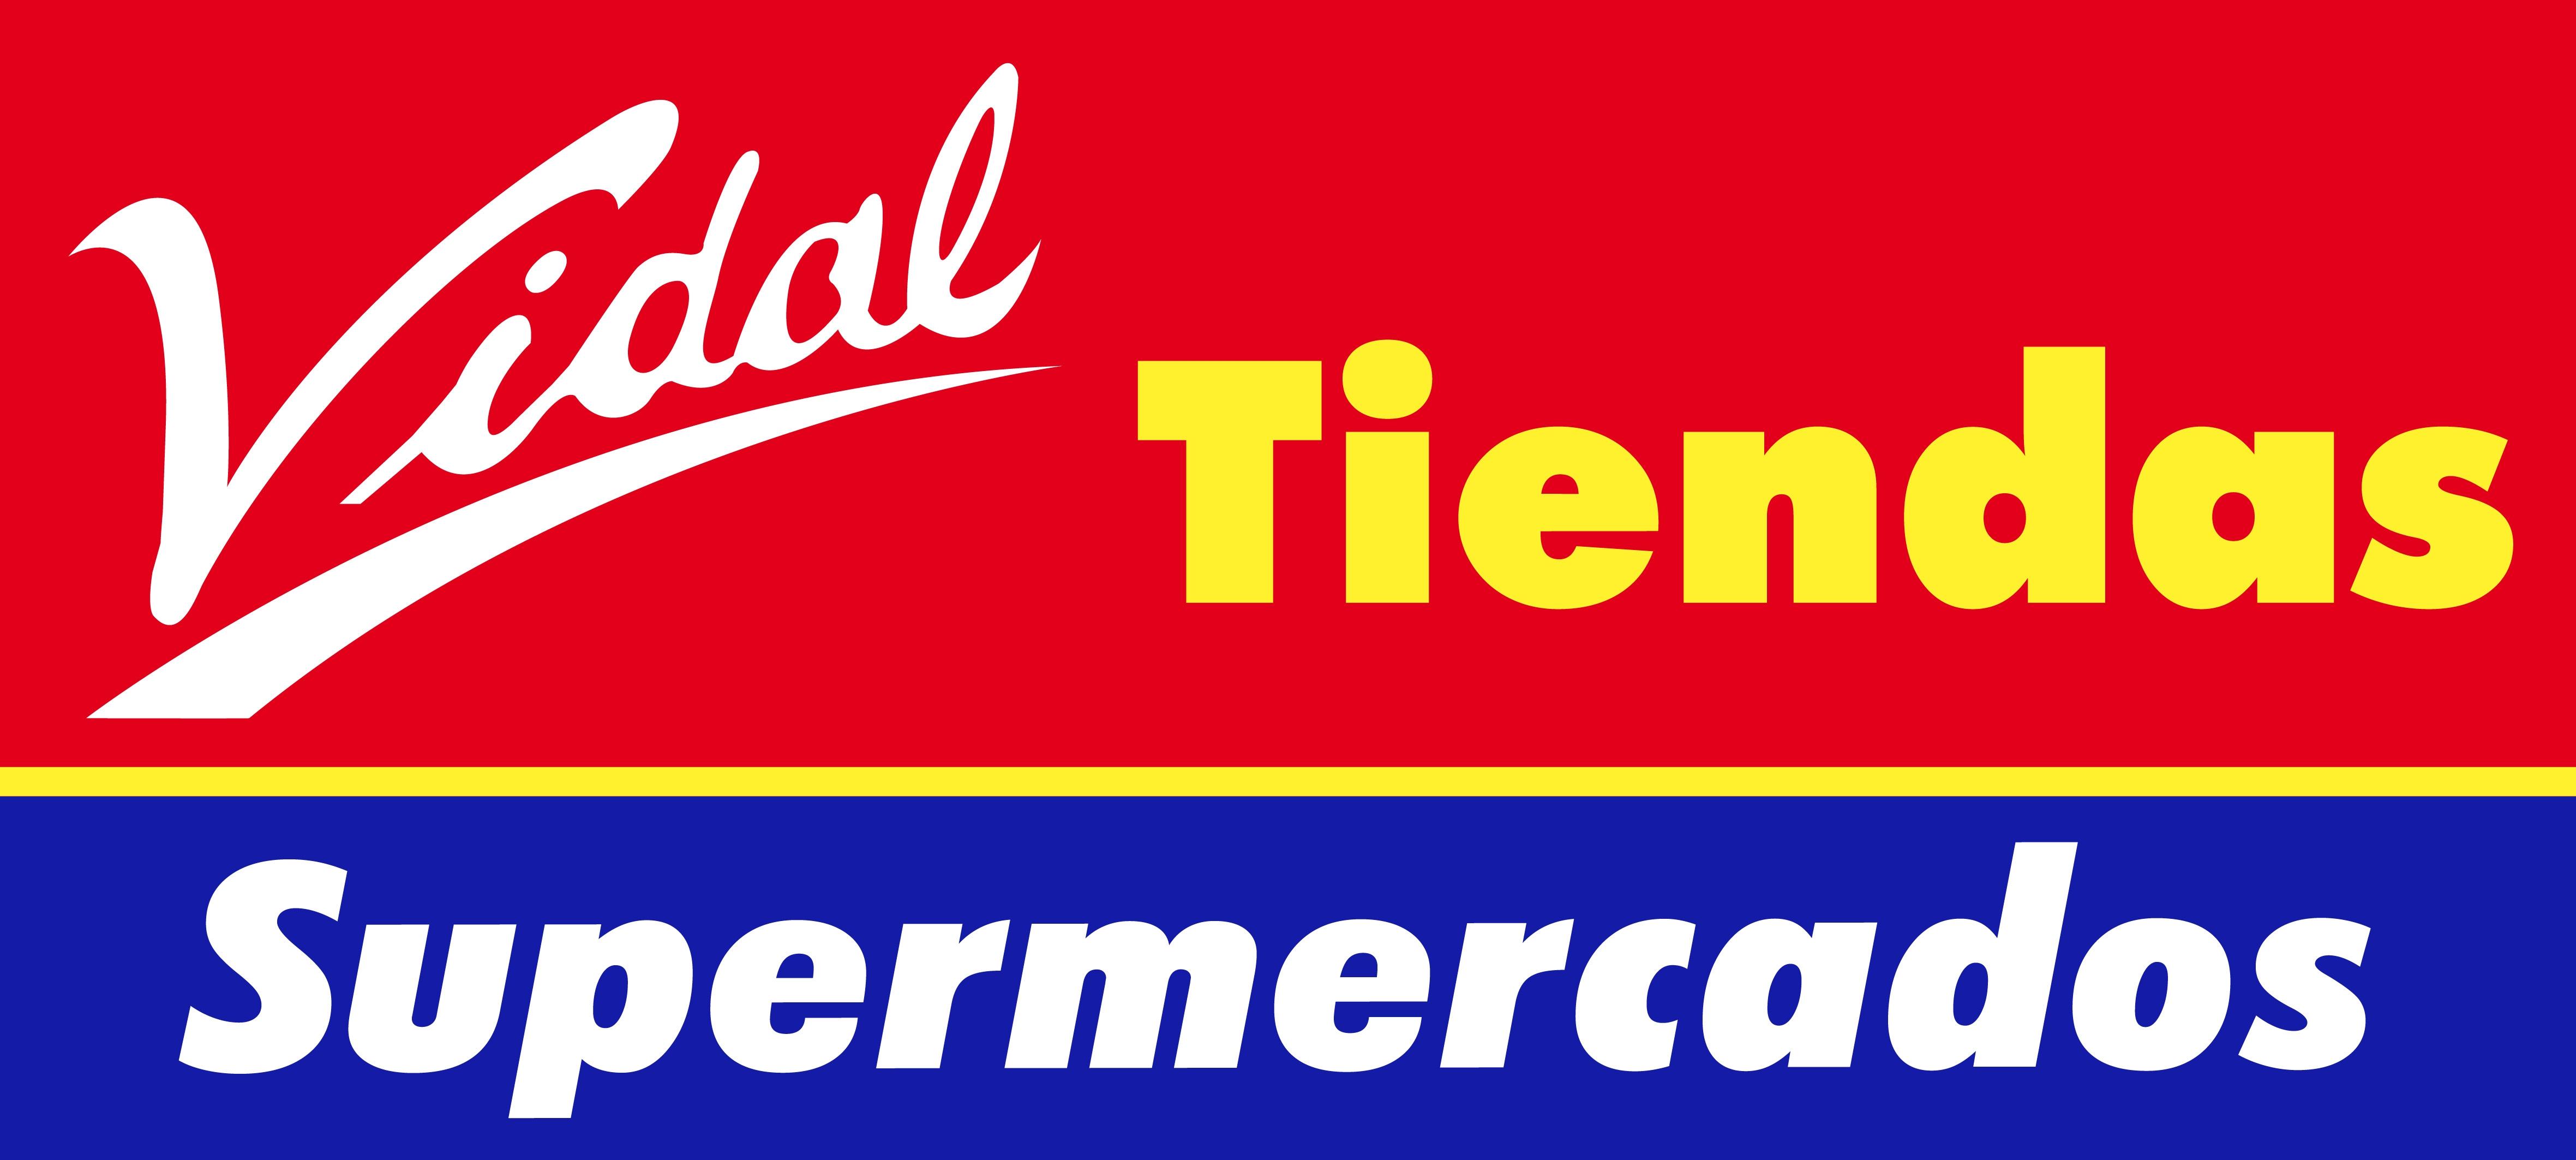 Vidal Supermercados inaugura un centro en Valencia